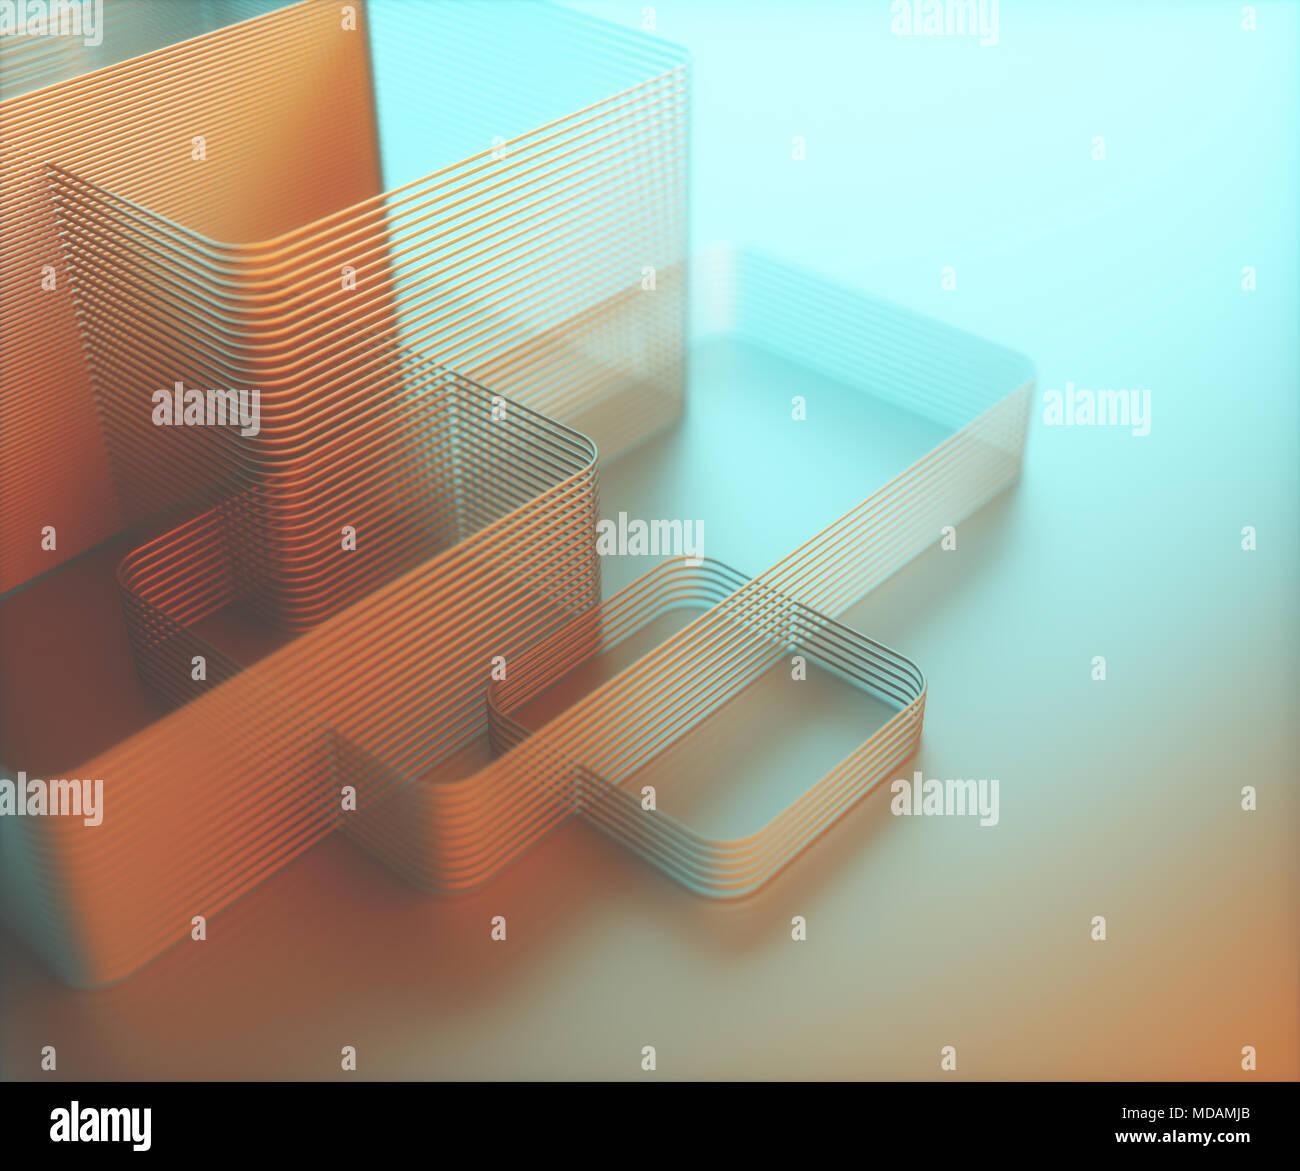 3D illustration. Résumé artistique la structure tubulaire. Image avec lumière et ombre colorée en bleu et orange. Photo Stock